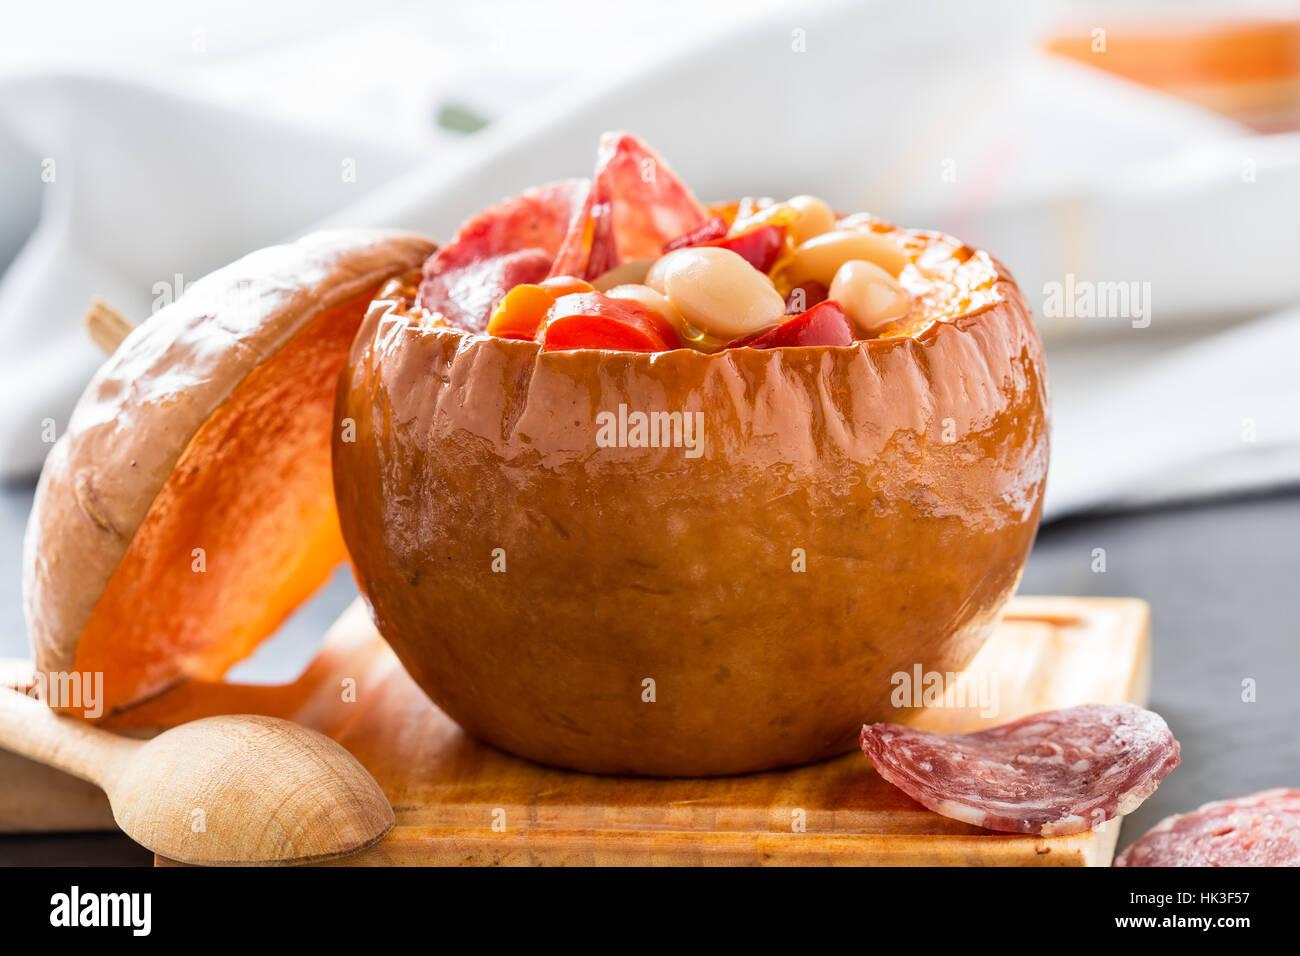 Le haricot blanc et rouge légumes ragoût dans des bols de potiron servi sur planche de bois Photo Stock